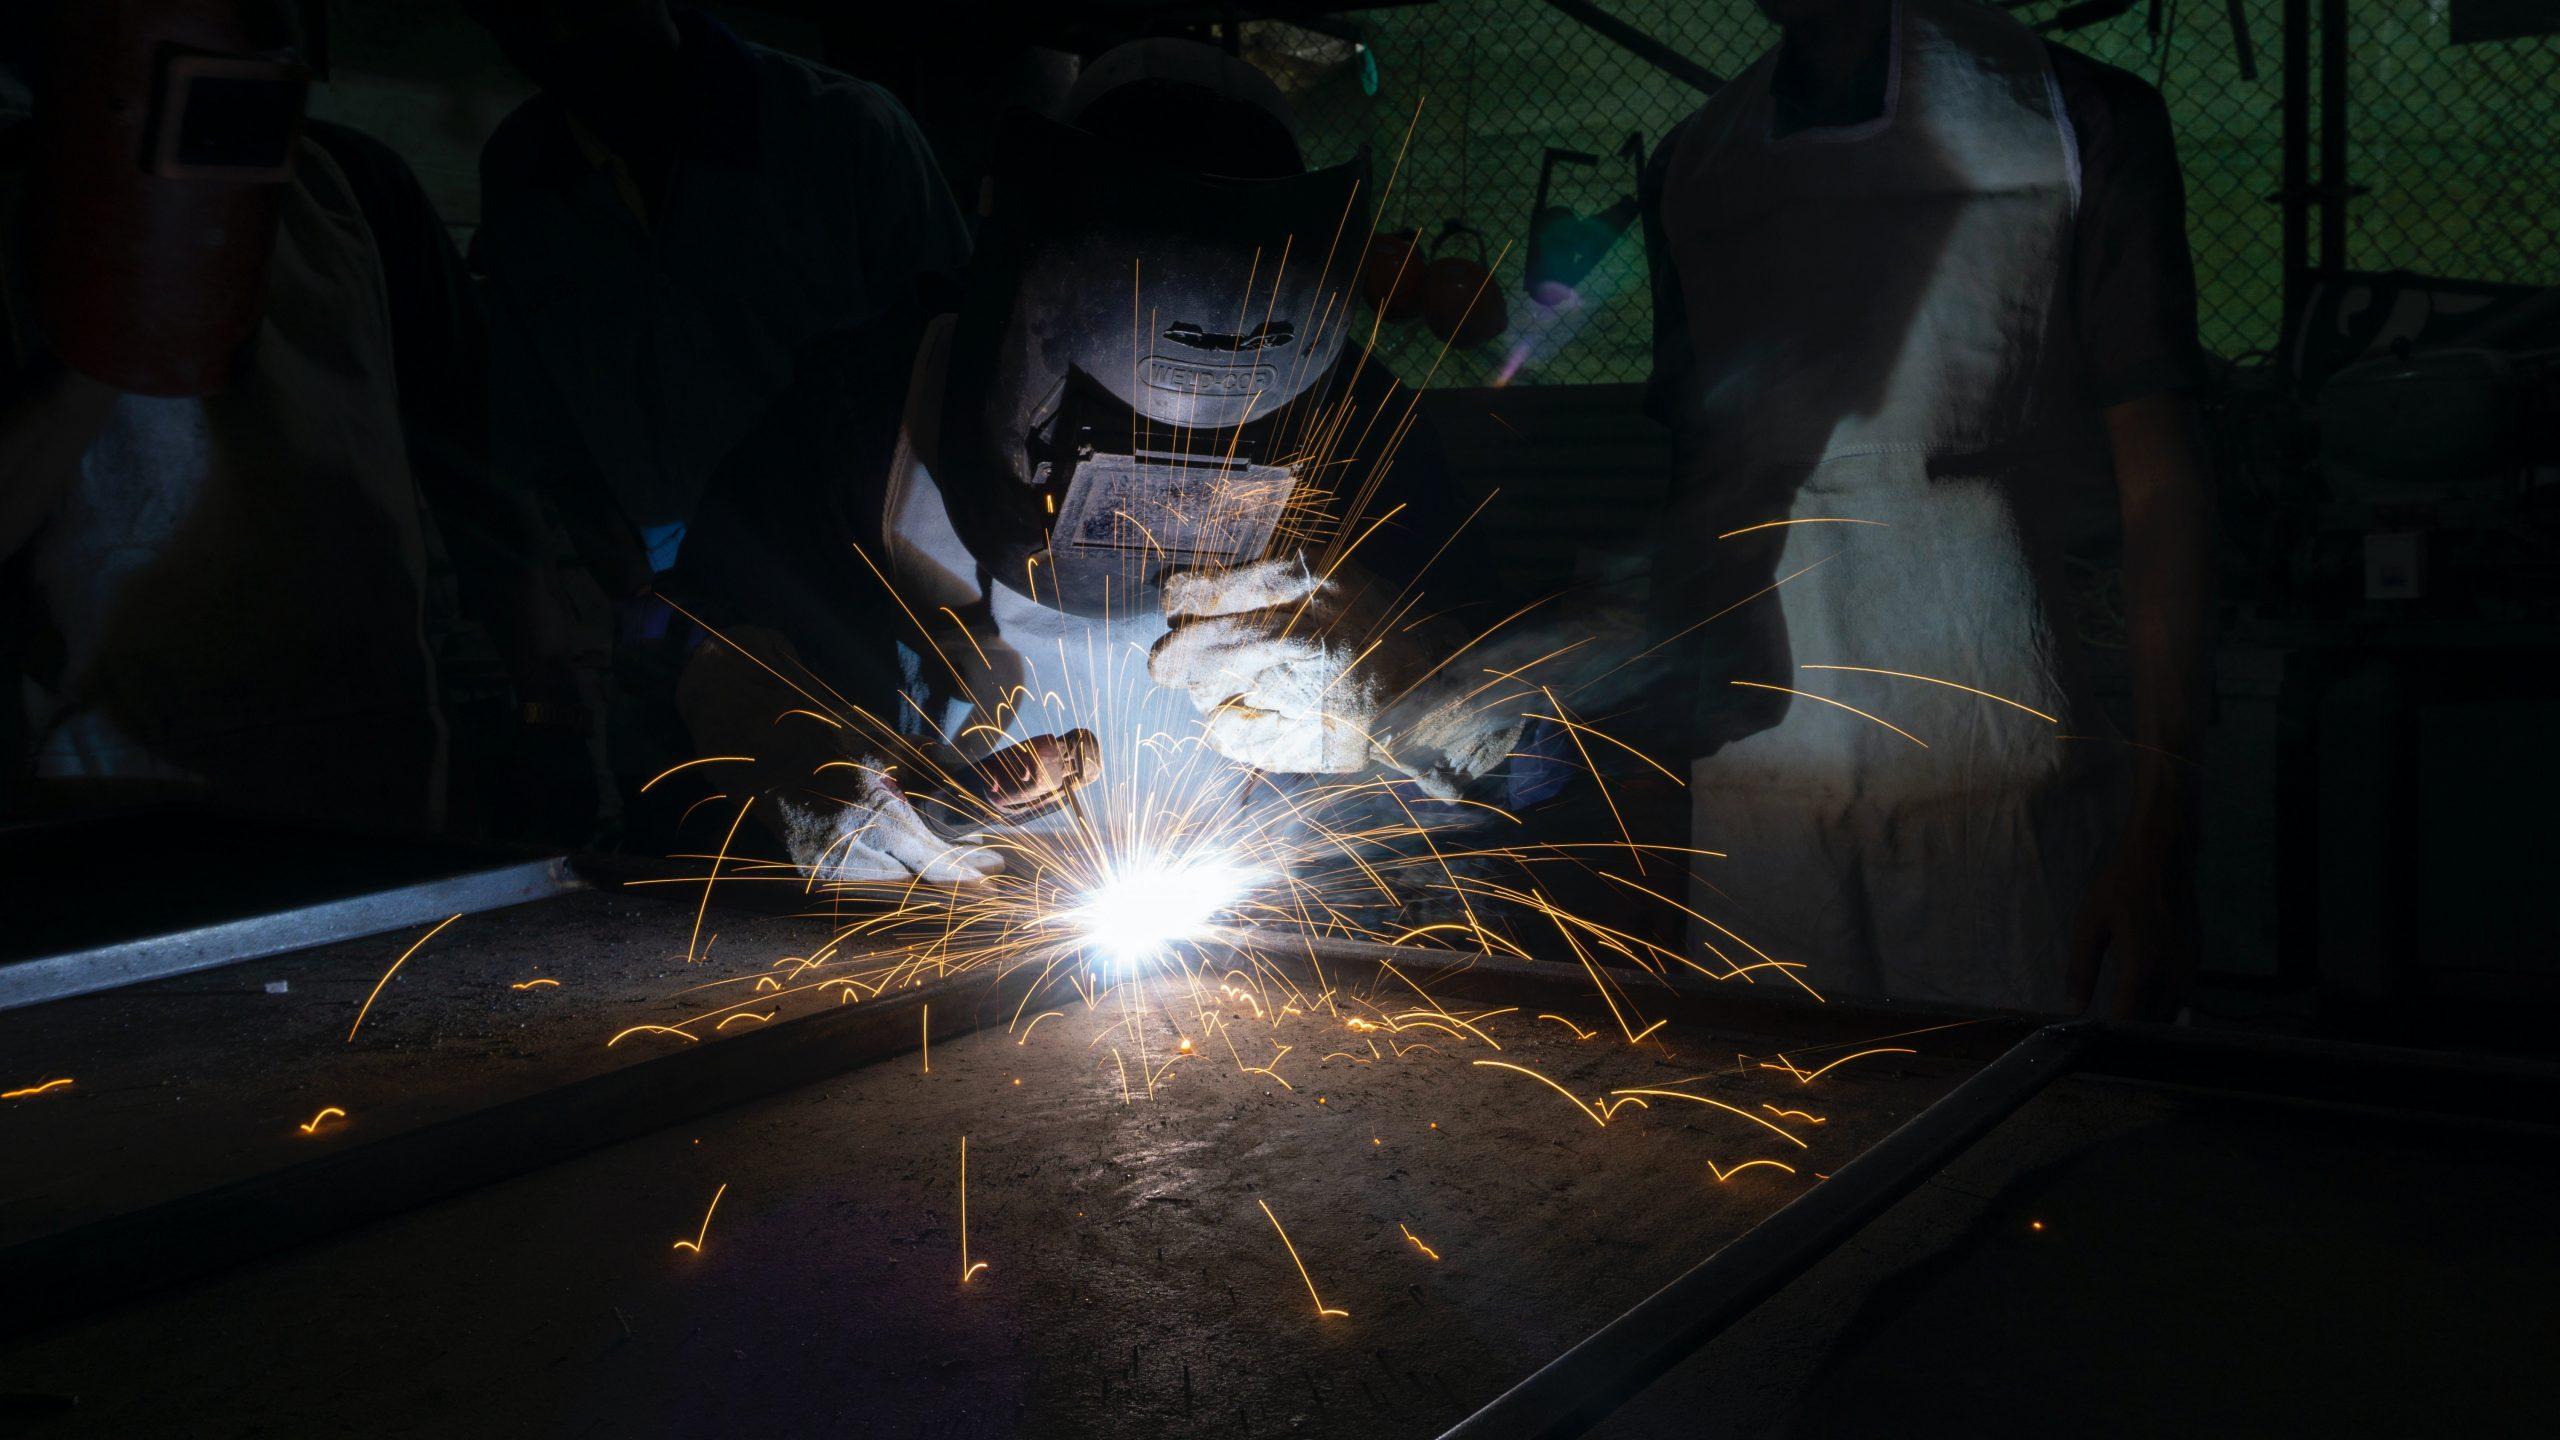 welding metals